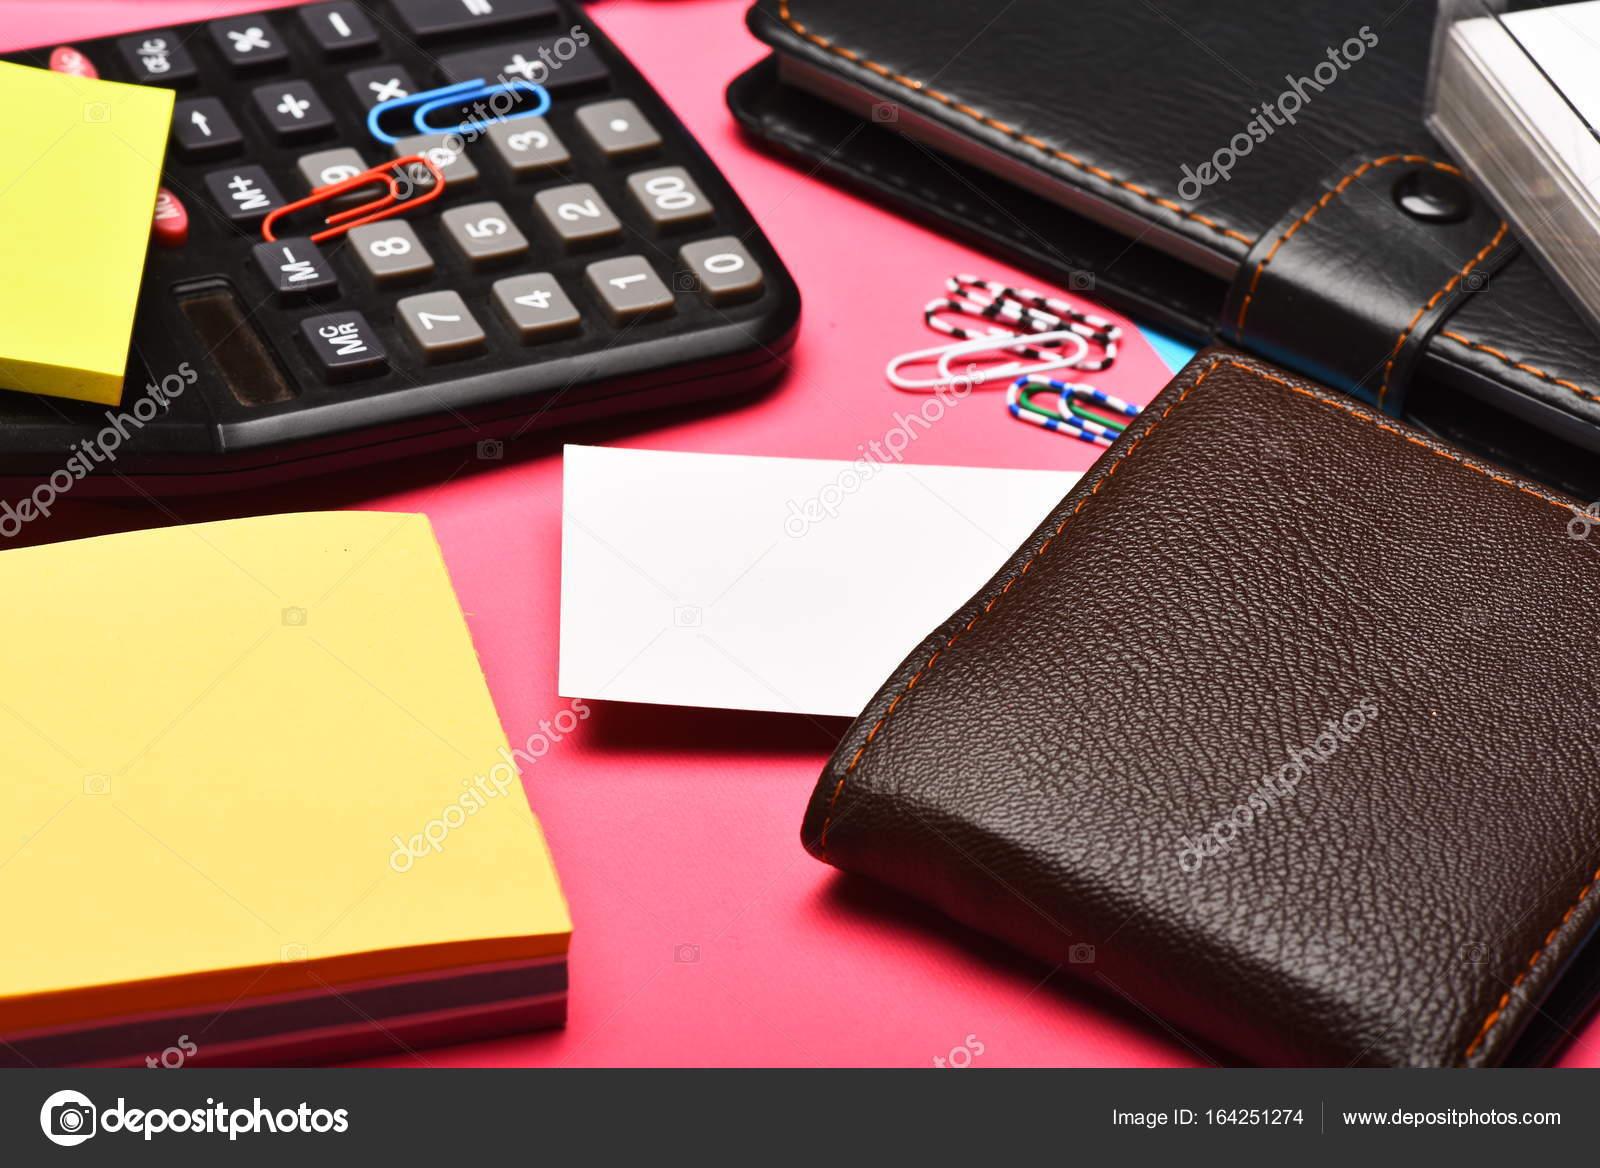 Zakelijke Portemonnee.Zakelijke En Werk Concept Lederen Portemonnee En Office Tools